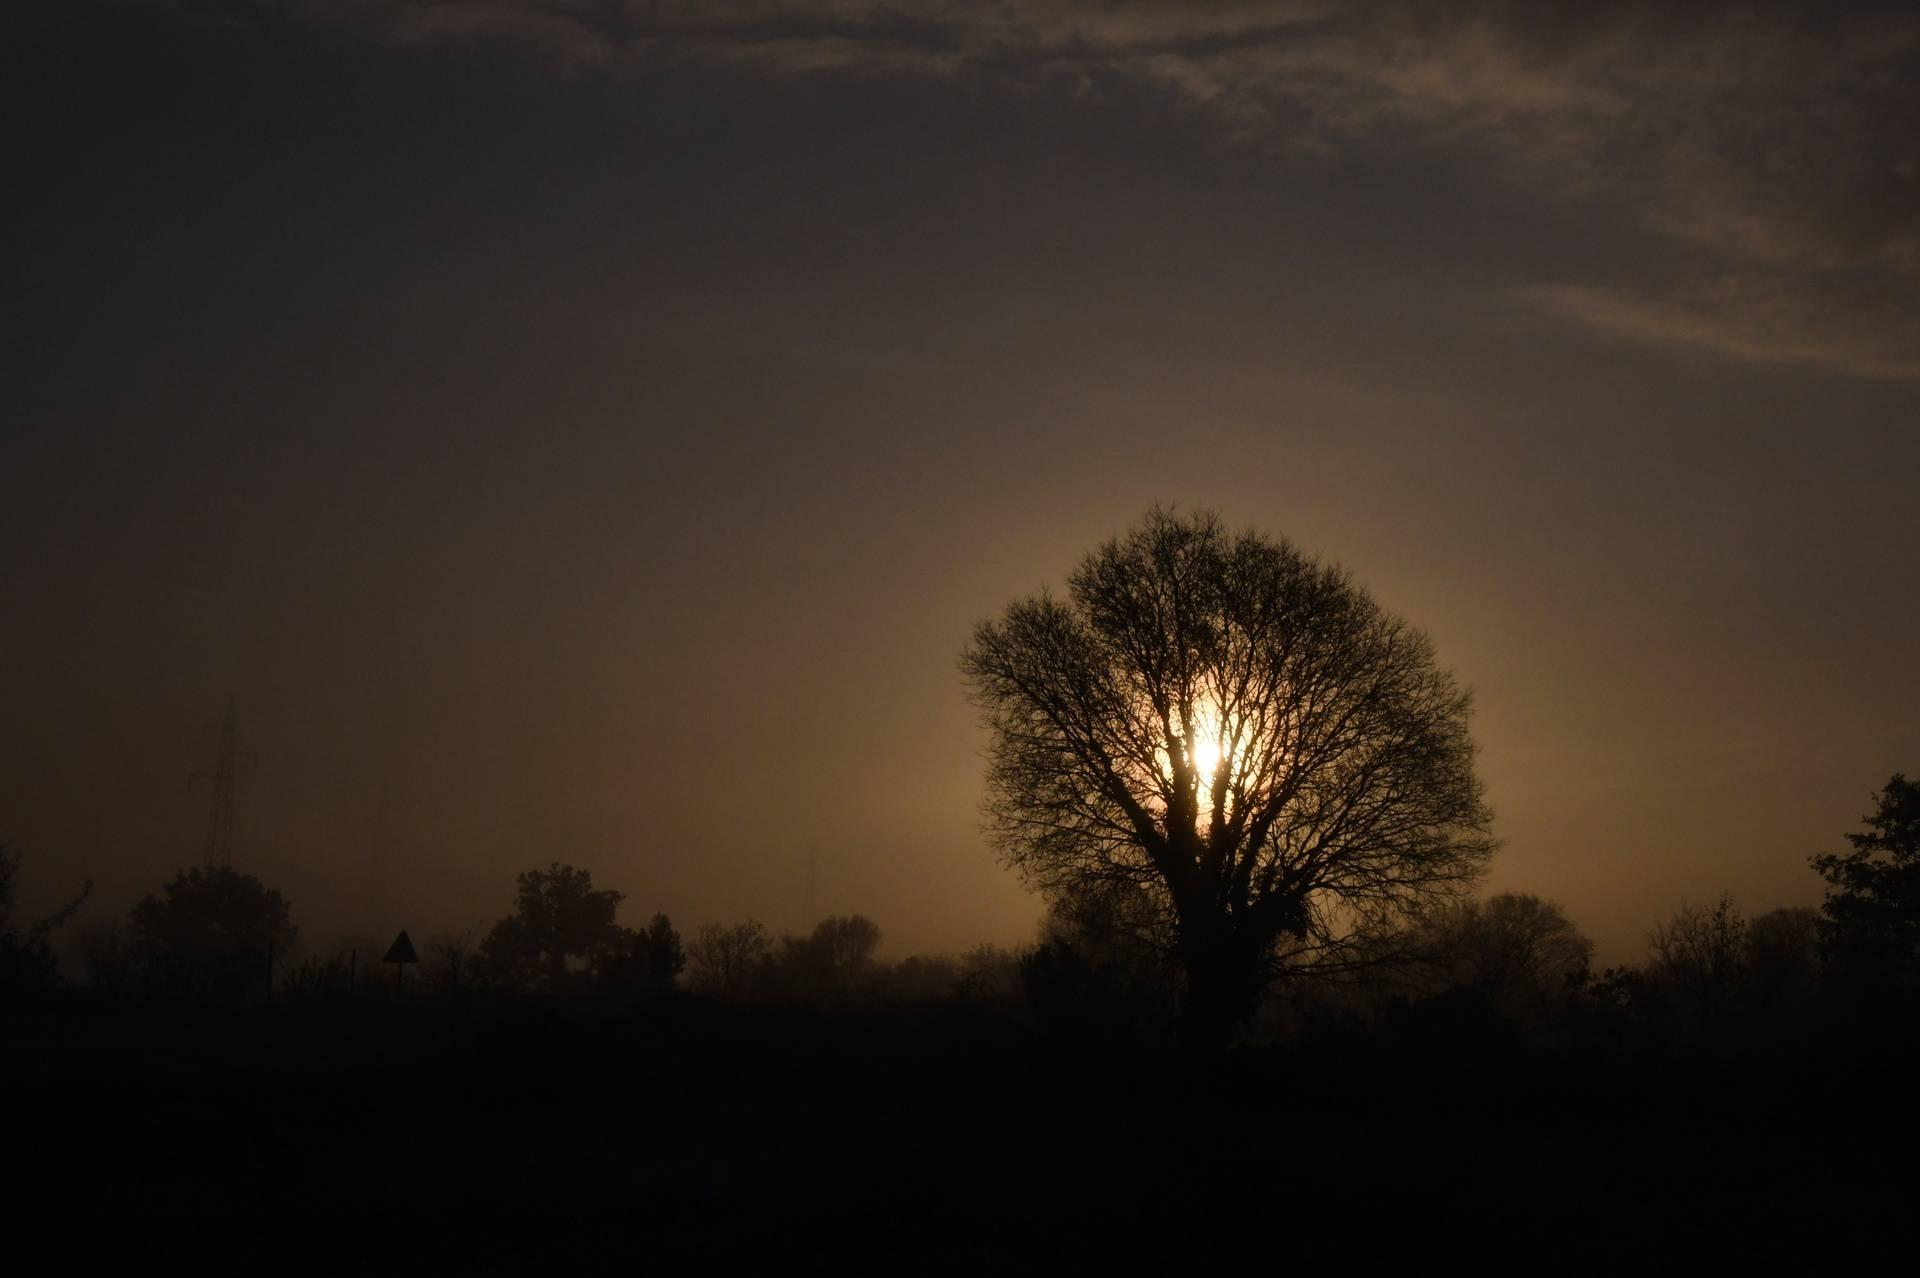 Čarobni prizori: Maglovita jutra okupana s prvim zrakama sunca